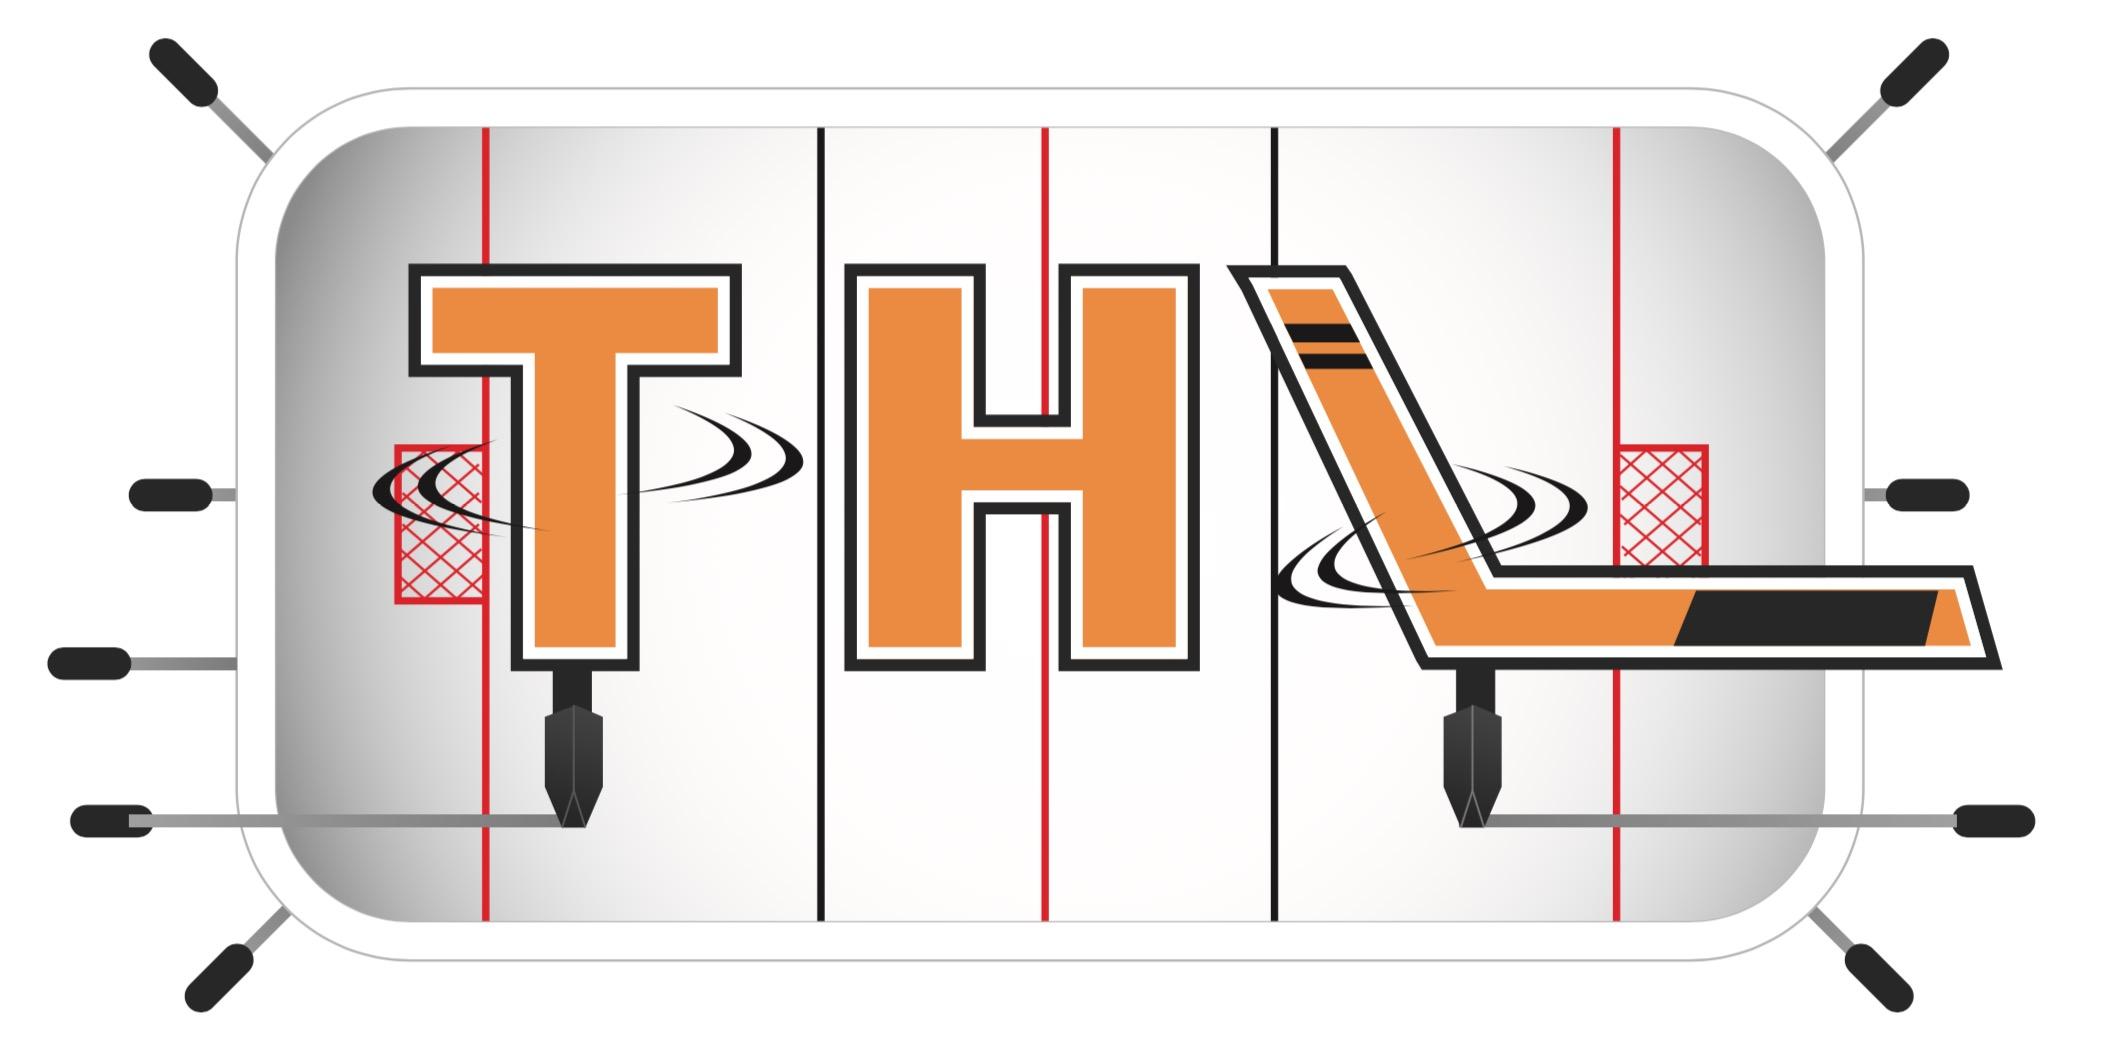 Custom THL Logo - Beer League Sports even designed a custom THL logo for us!